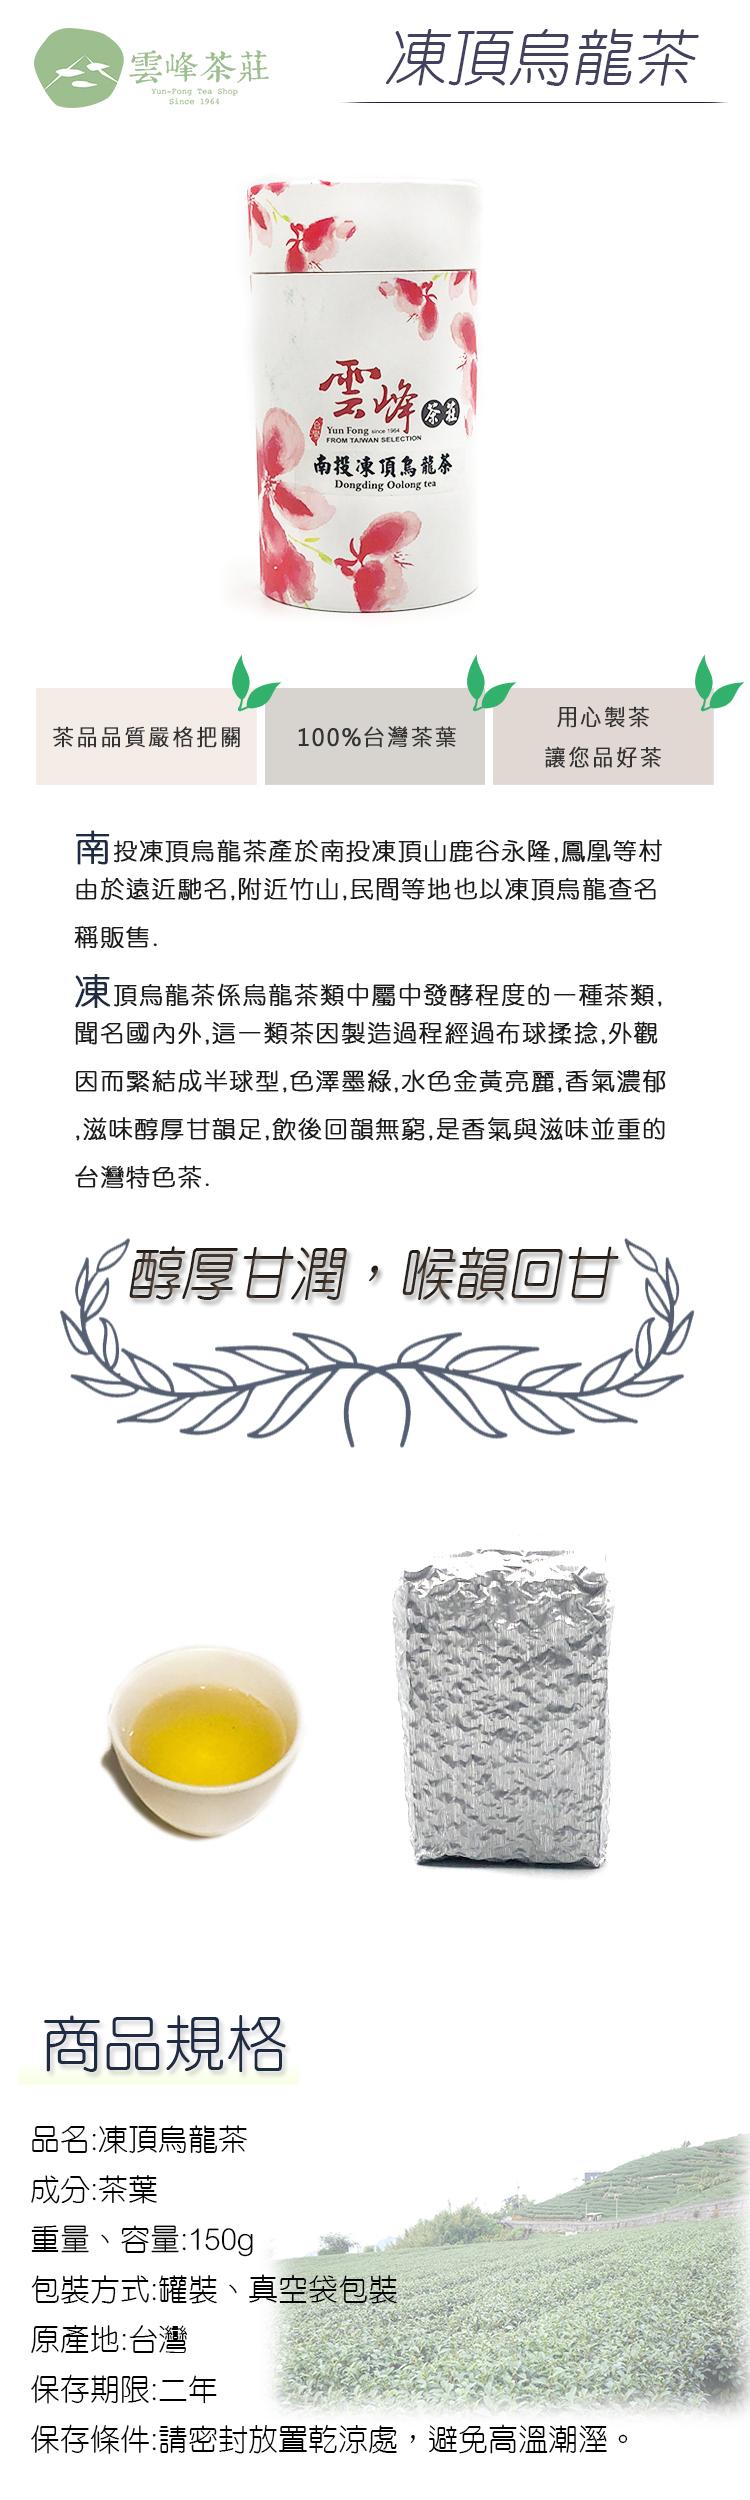 凍頂烏龍茶-長圖